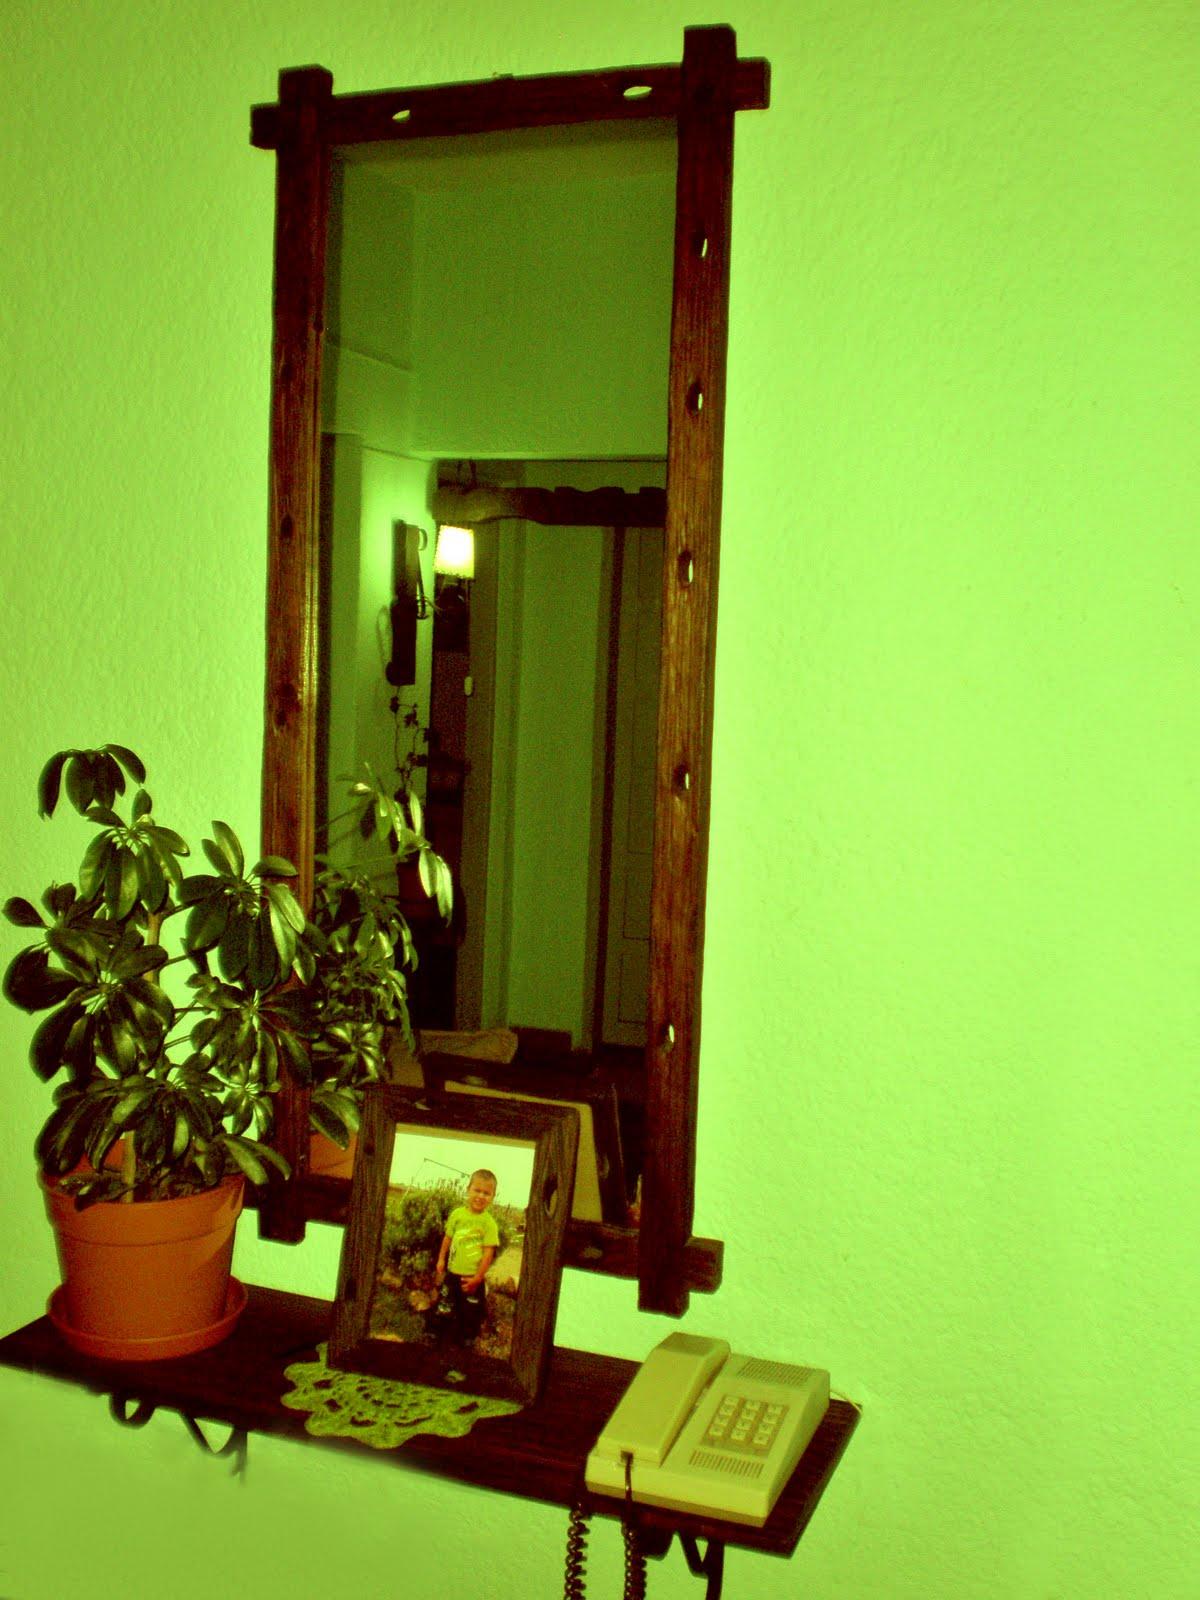 Artesanias rusticas en piques - Pared decorada con fotos ...